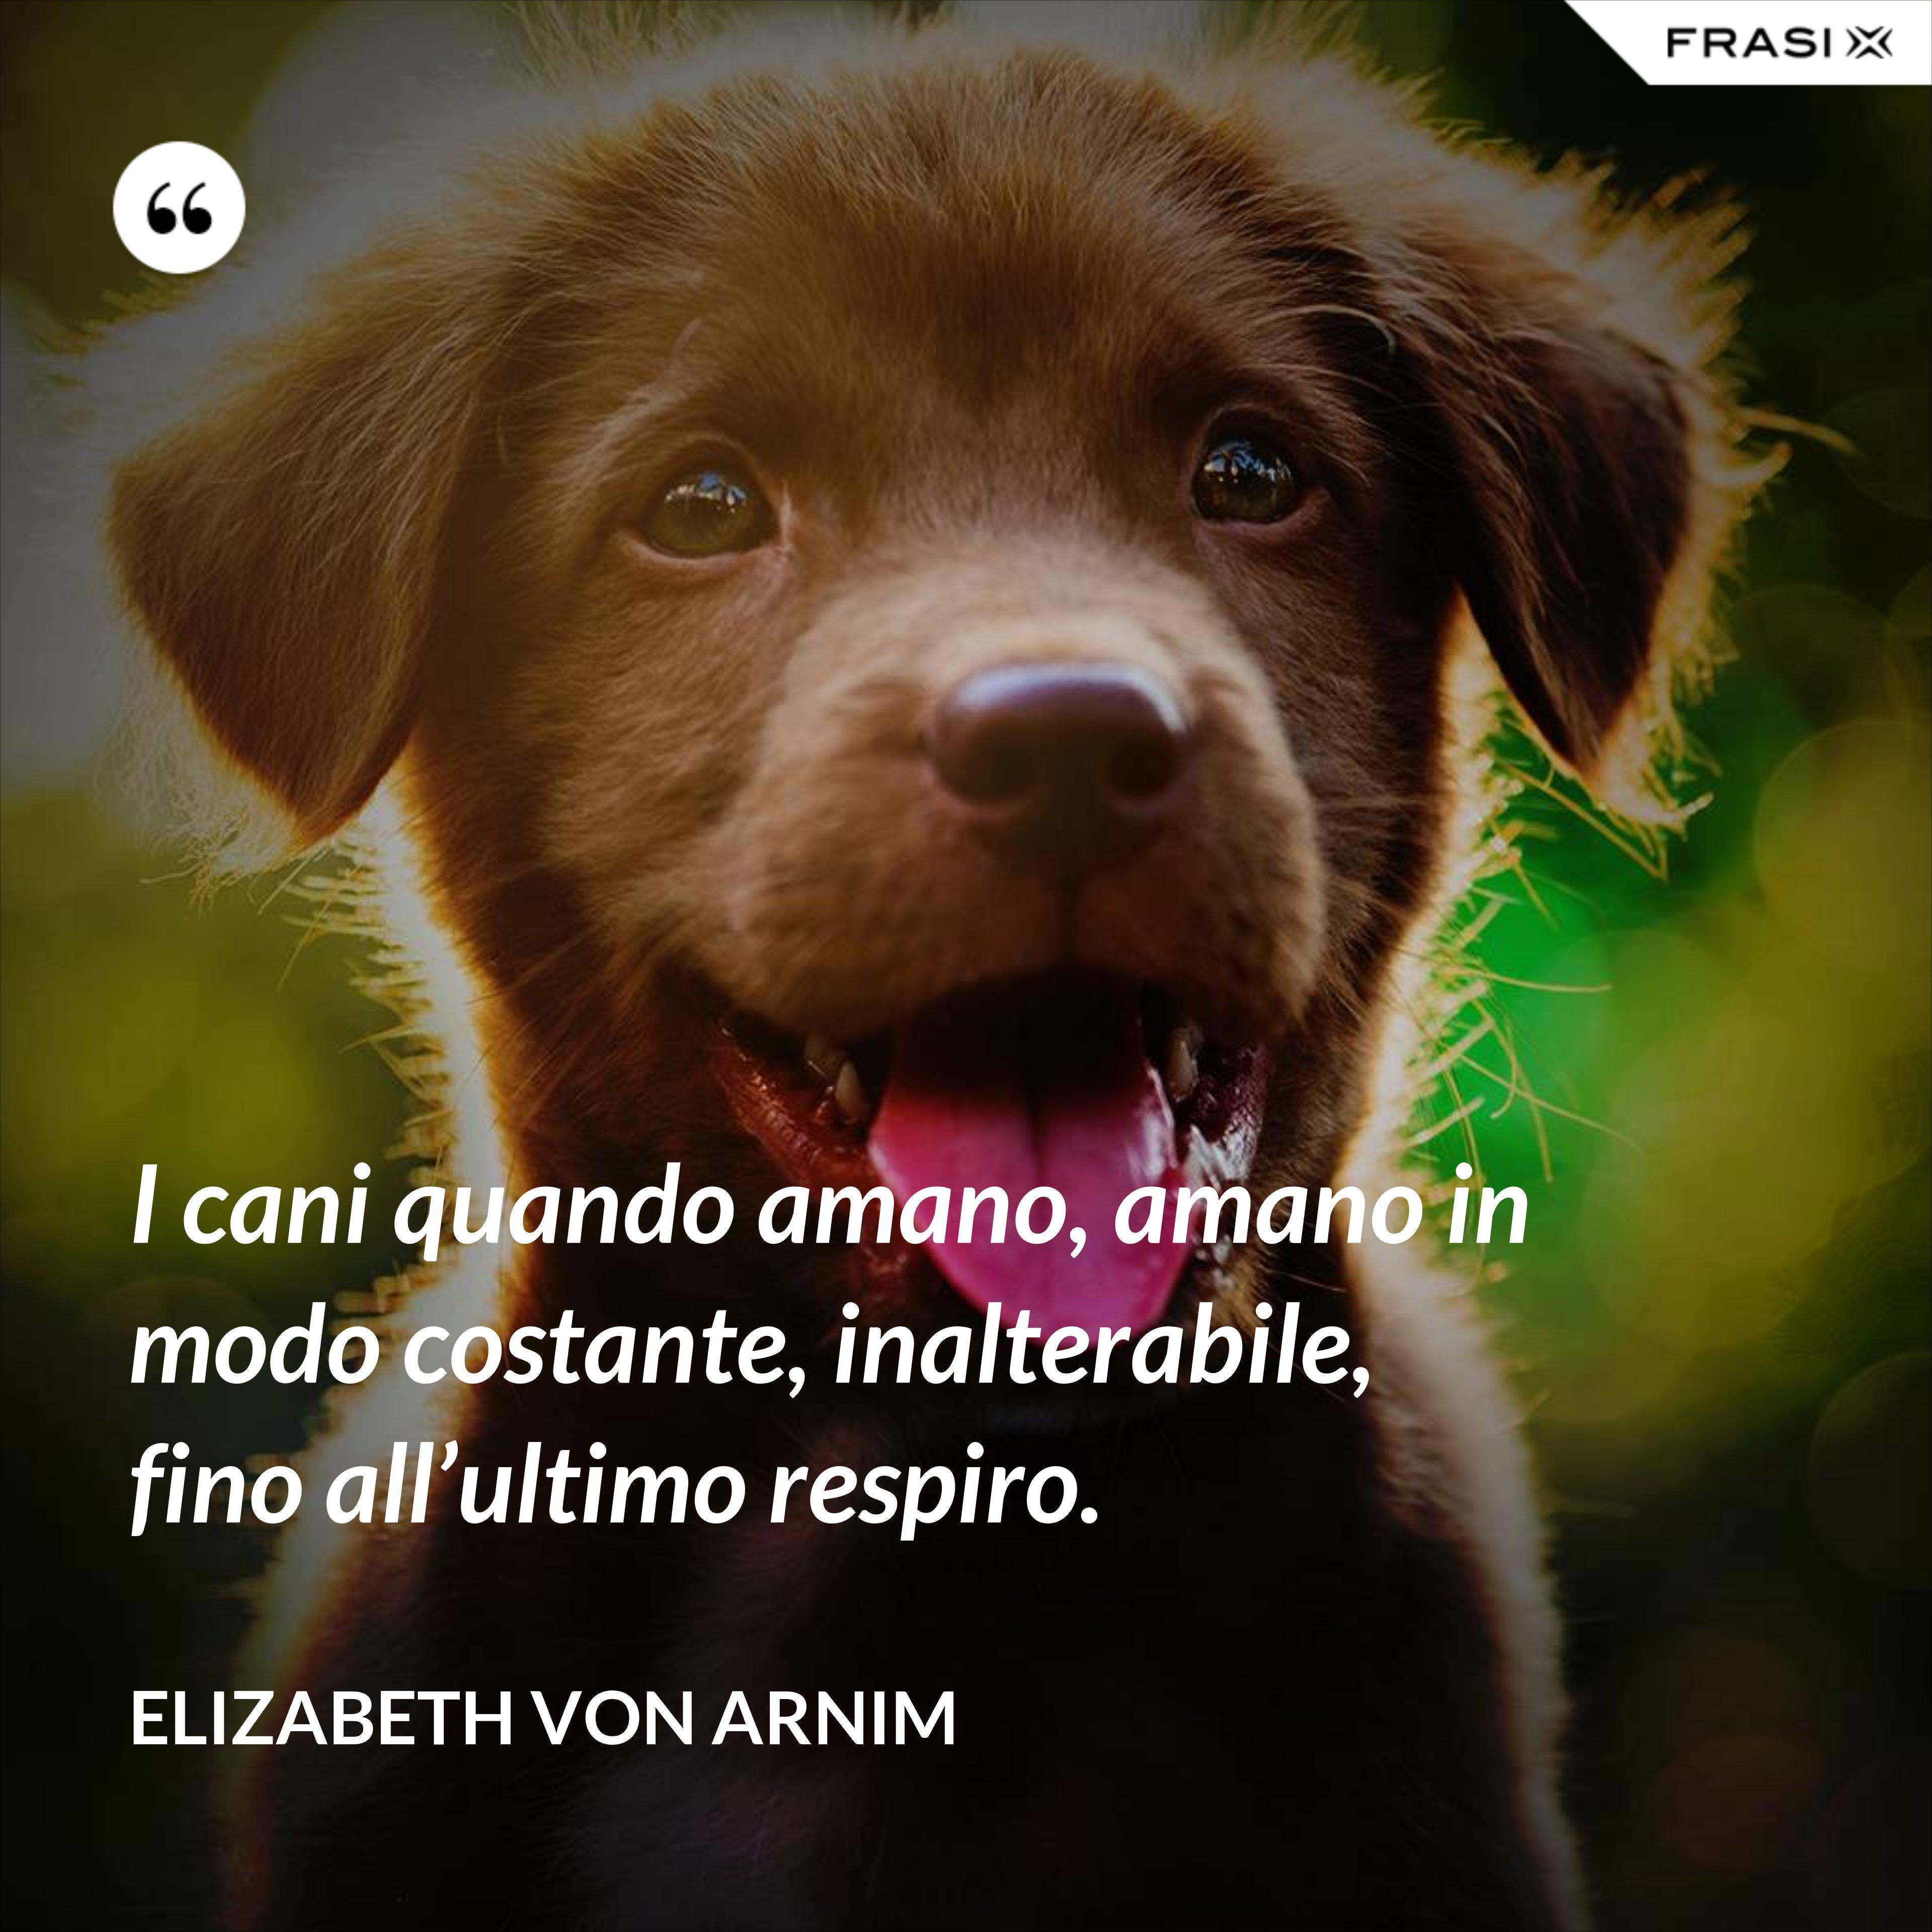 I cani quando amano, amano in modo costante, inalterabile, fino all'ultimo respiro. - Elizabeth von Arnim